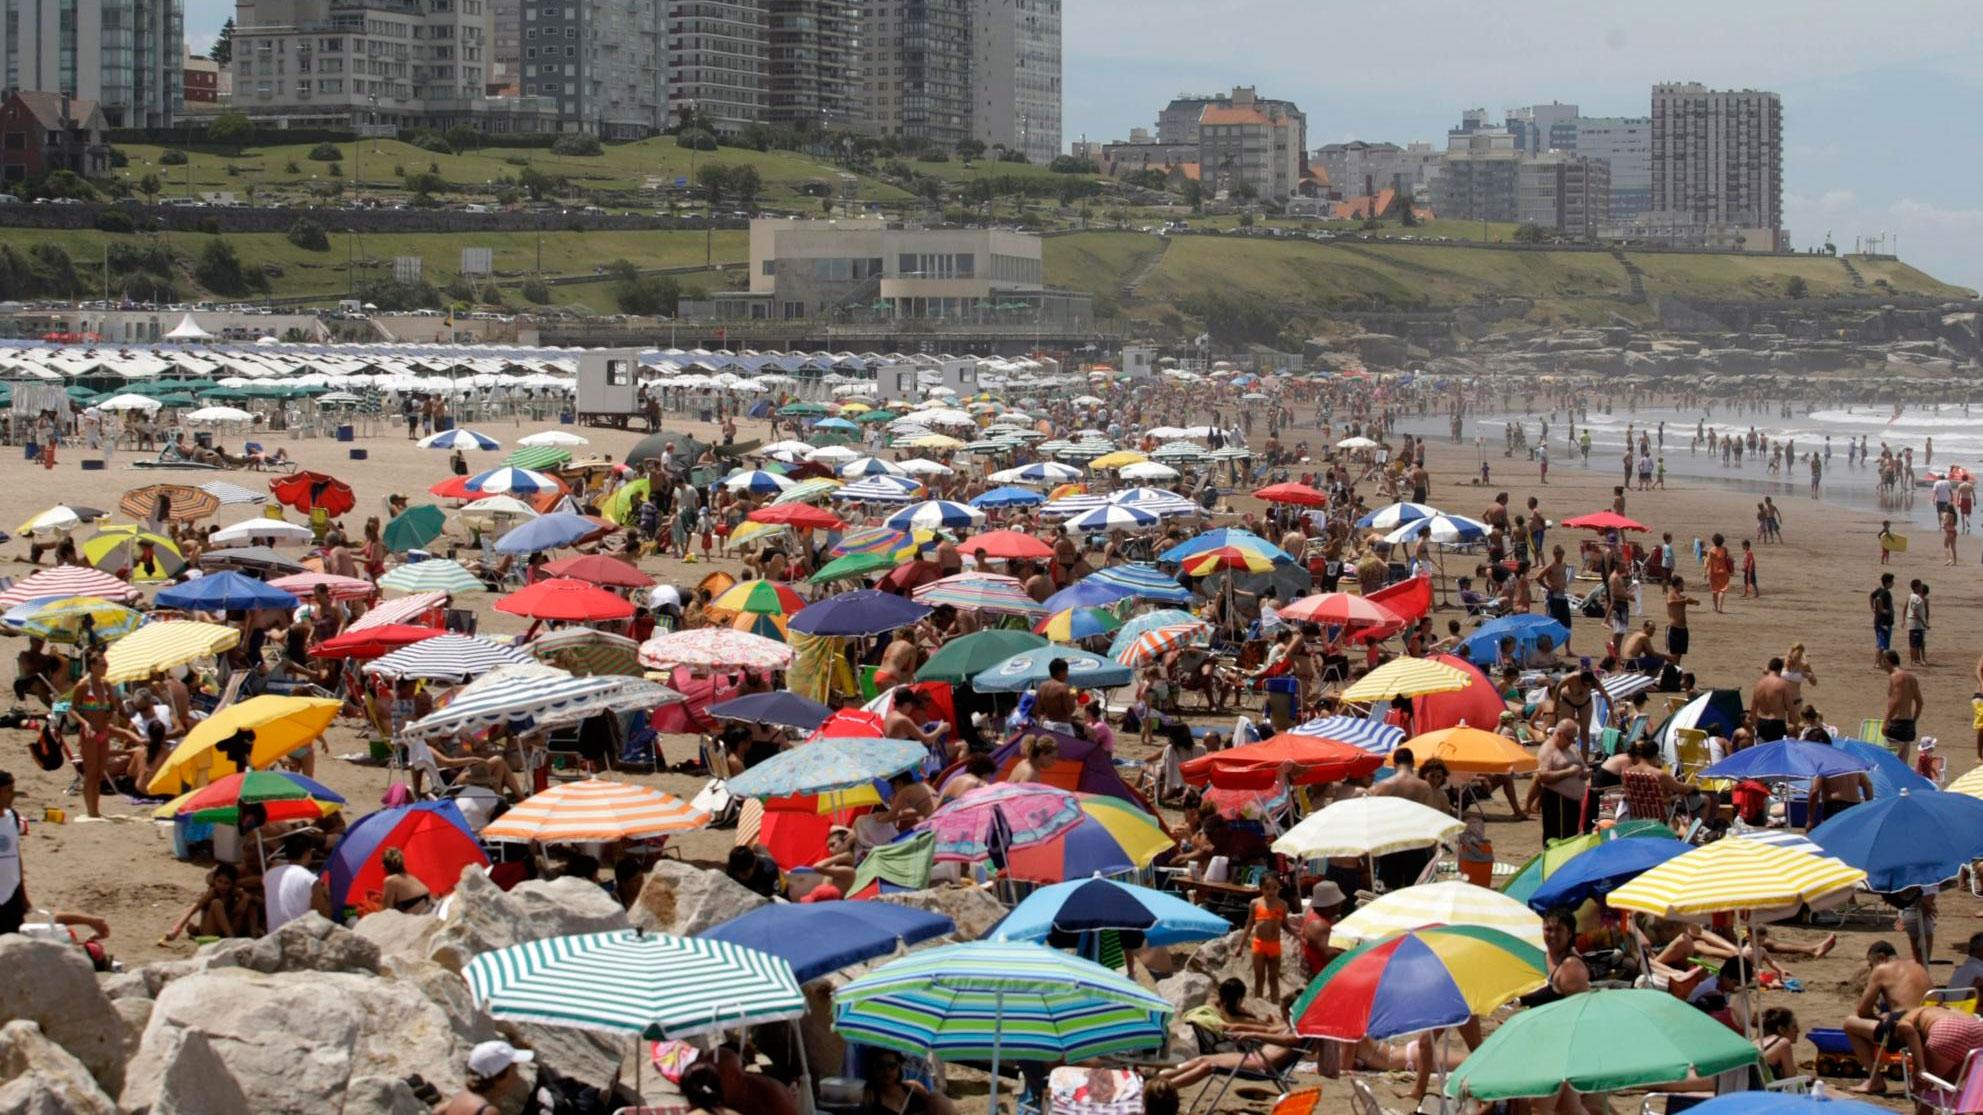 La feliz está preparada para recibir a miles de turistas, los de siempre y los que vuelven...